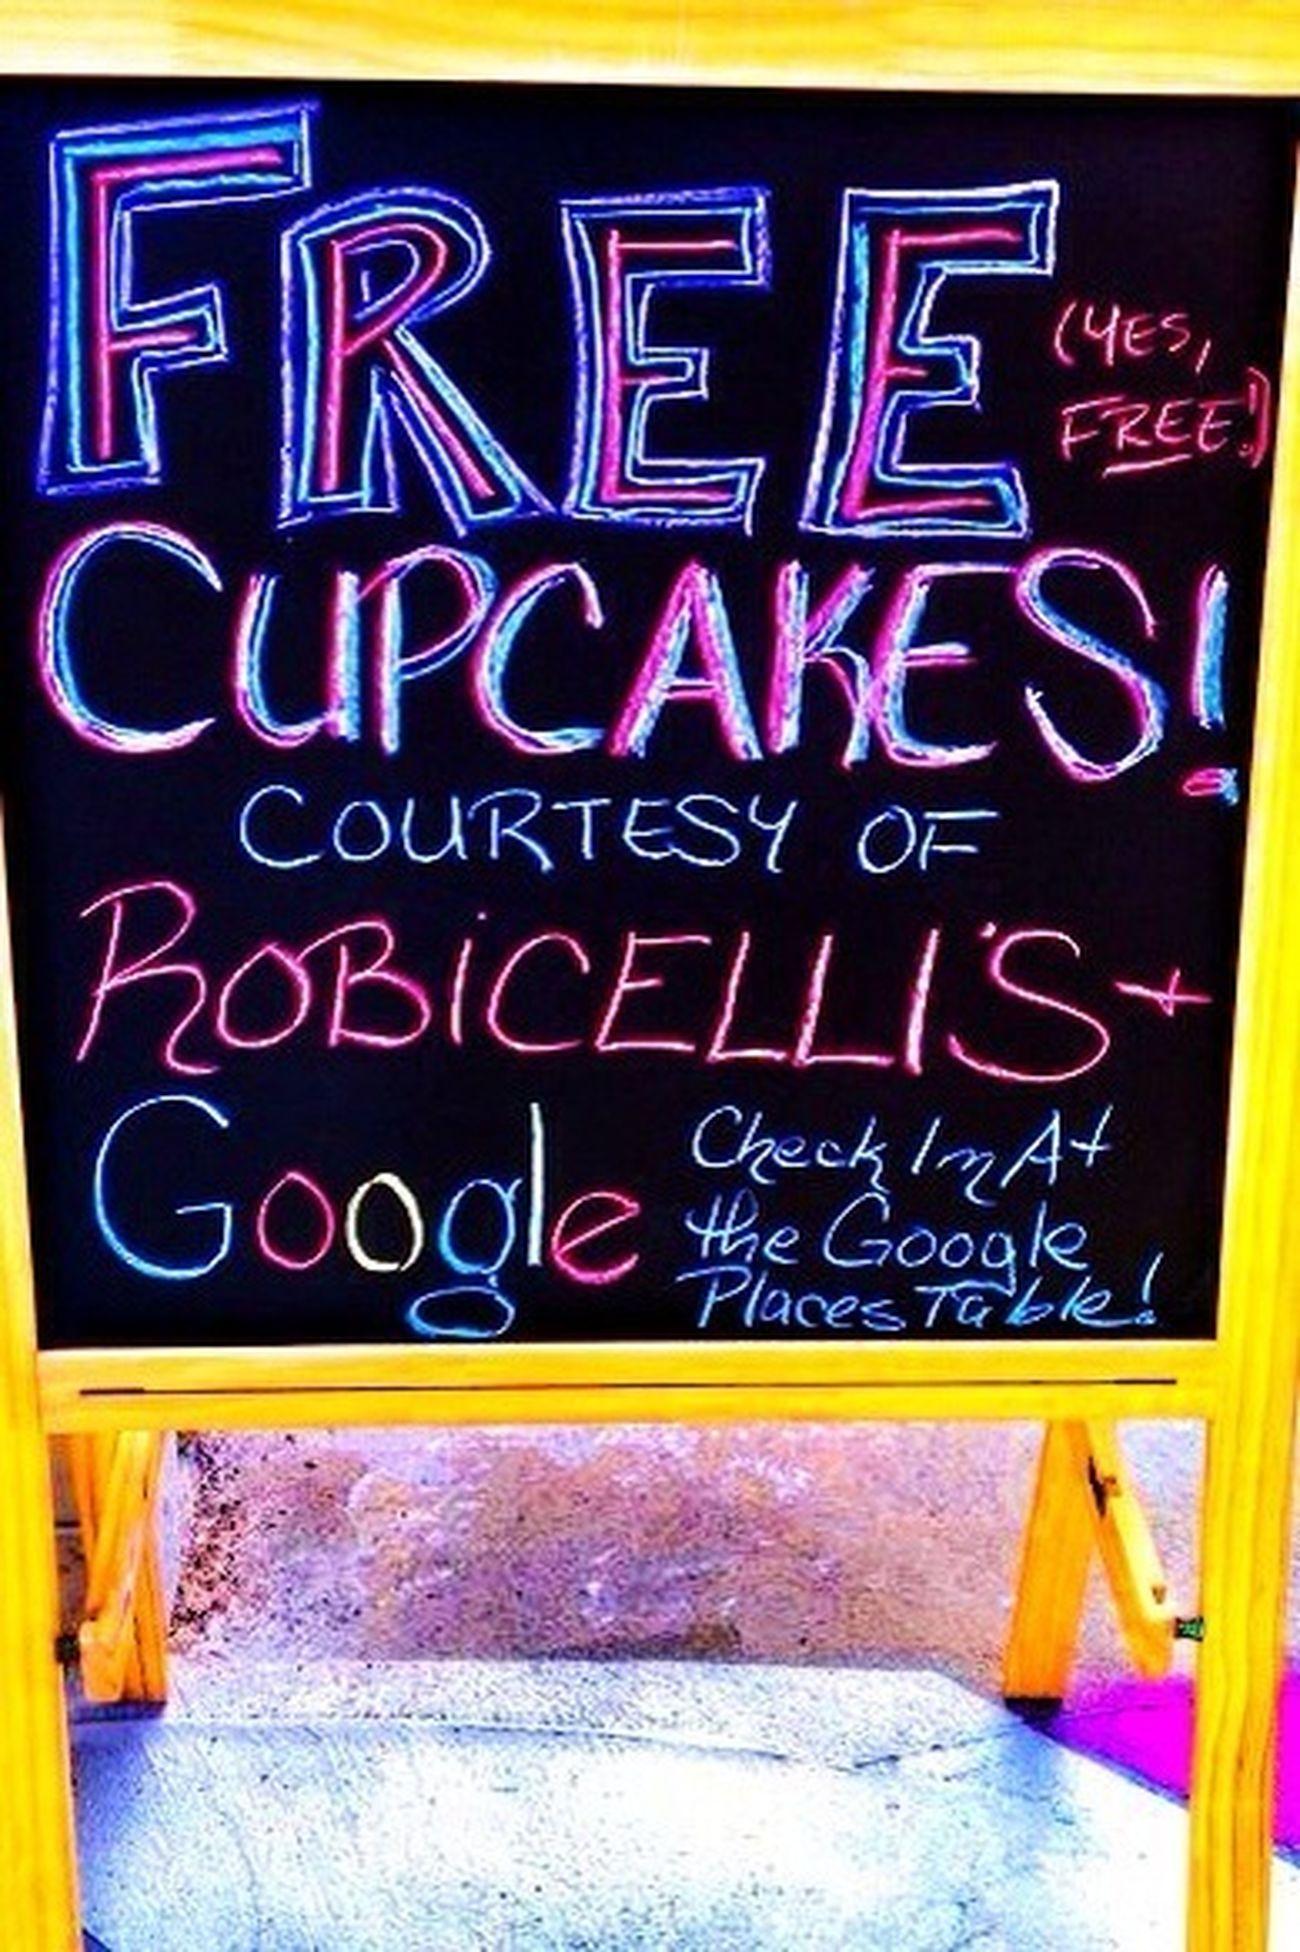 ...free Cupcakes...